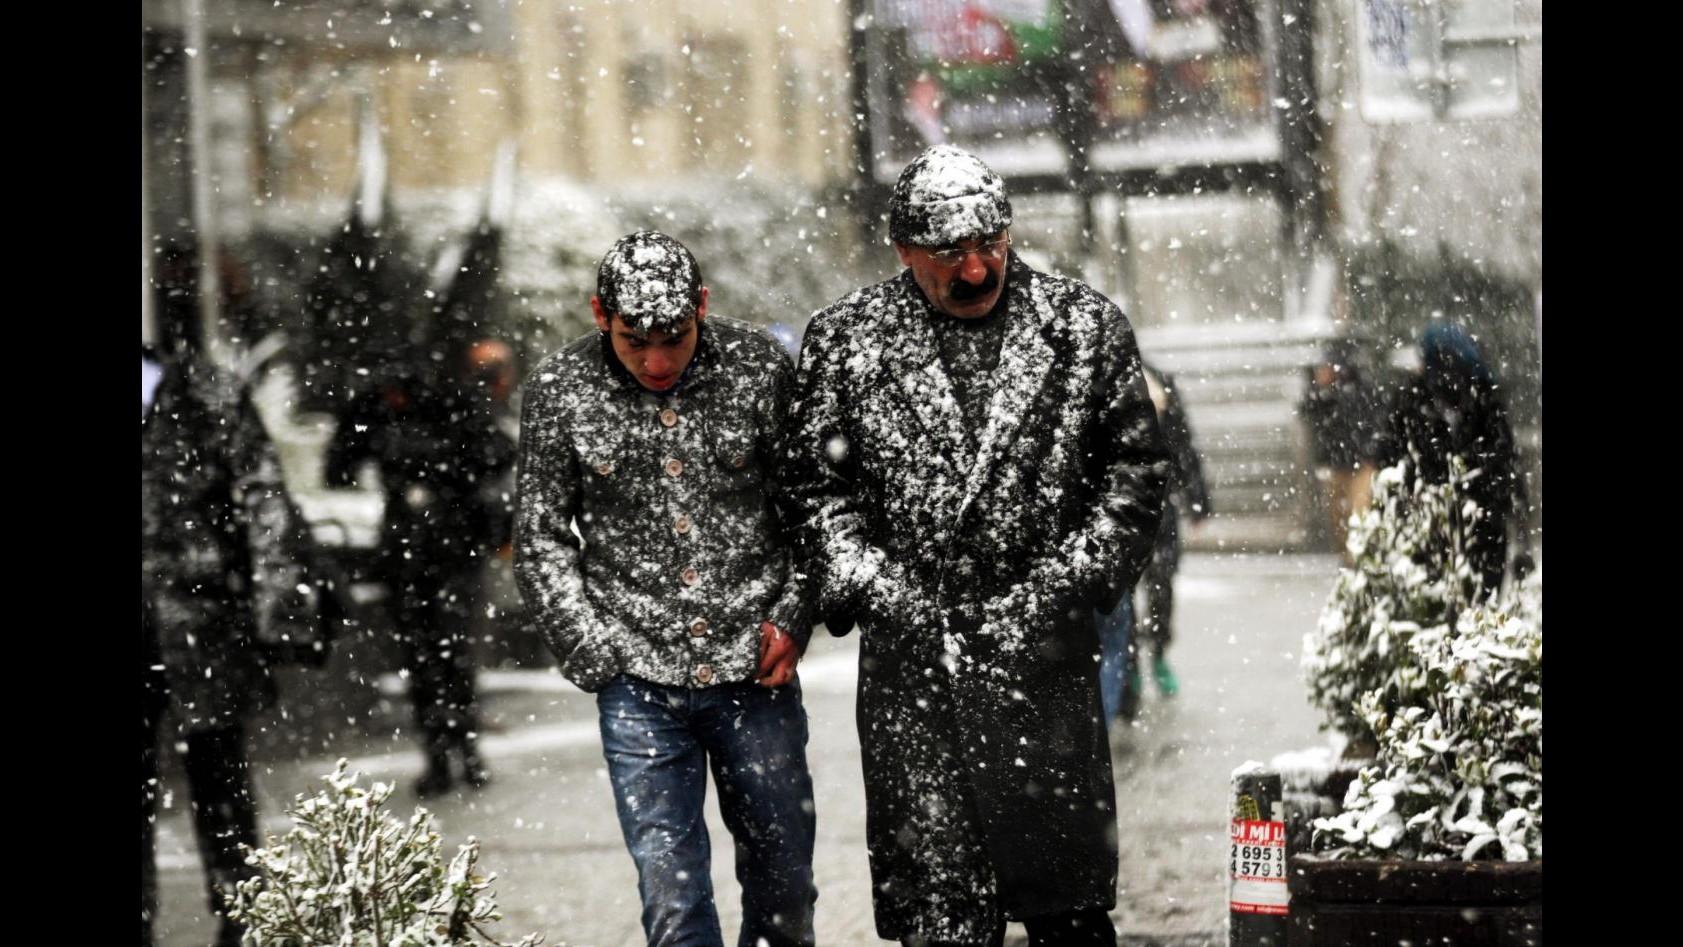 Maltempo, bufera neve paralizza Istanbul: 800 incidenti, chiuso Bosforo